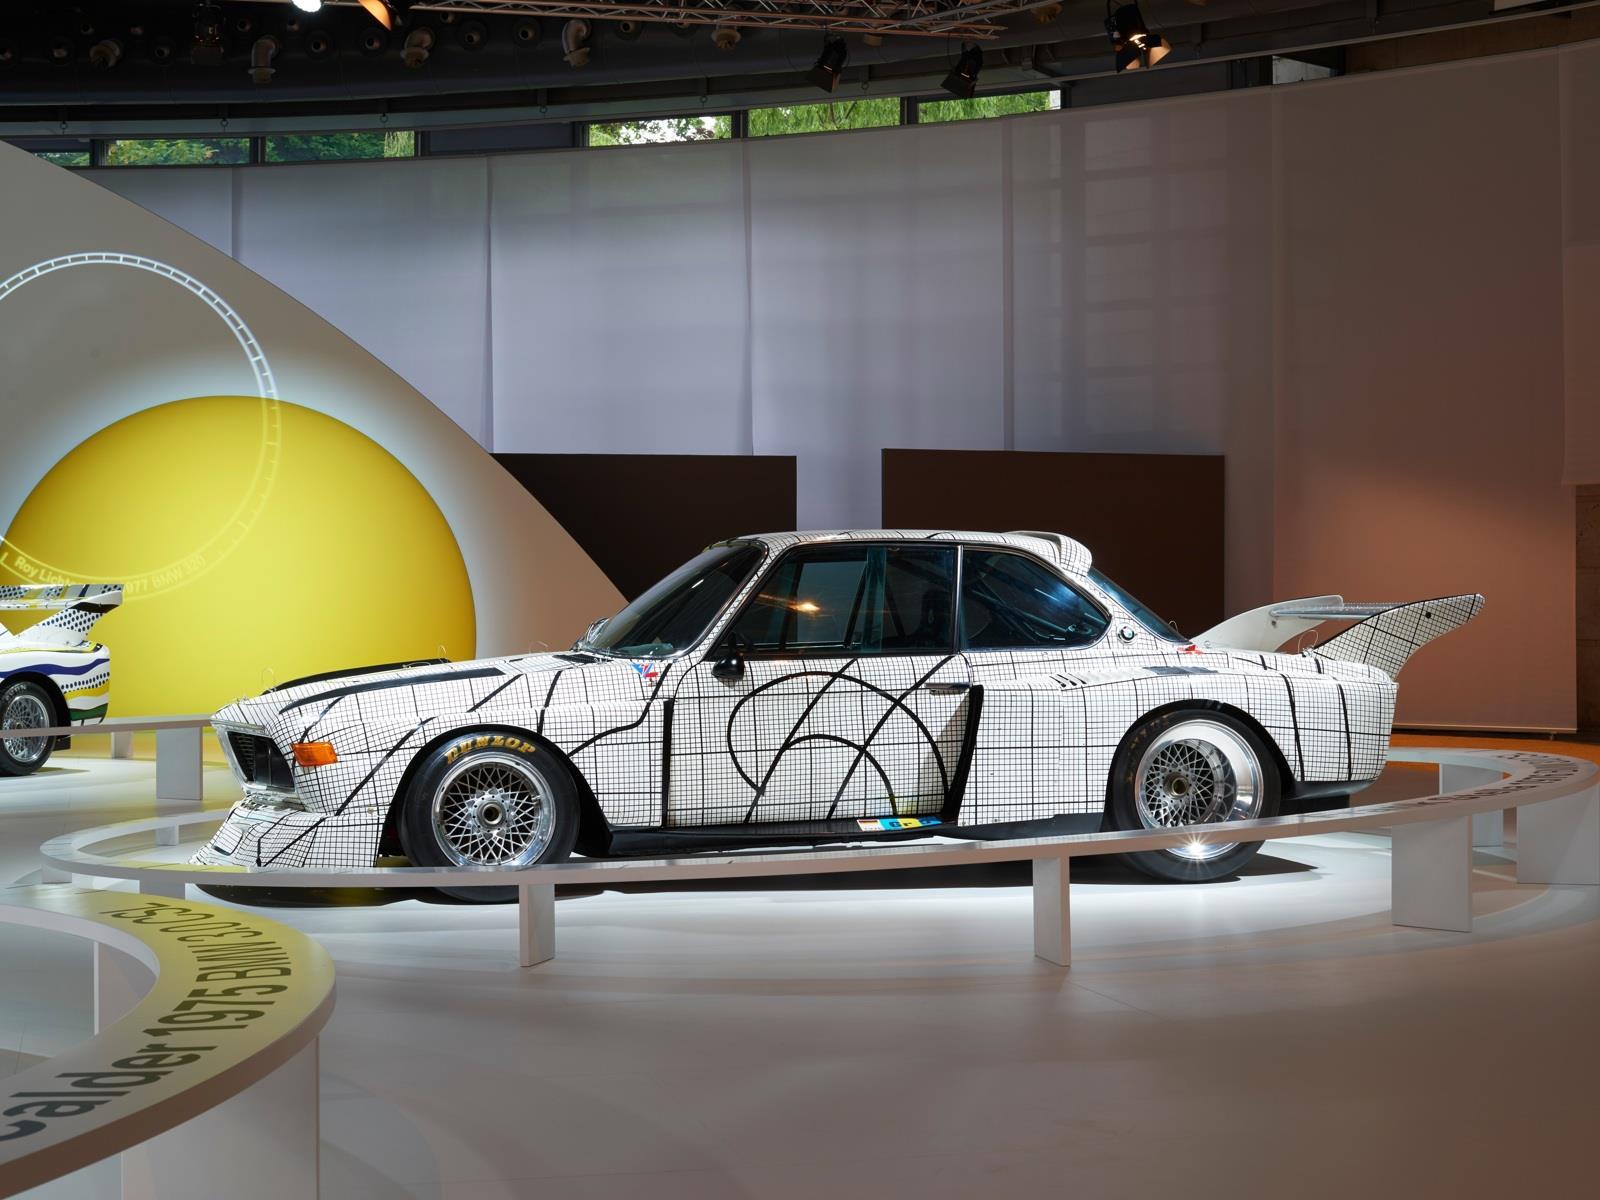 GAZ_a91f5ff39a2e42739b4505e98a9cf8b1 Cool Bmw Z1 Joyas sobre Ruedas Cars Trend